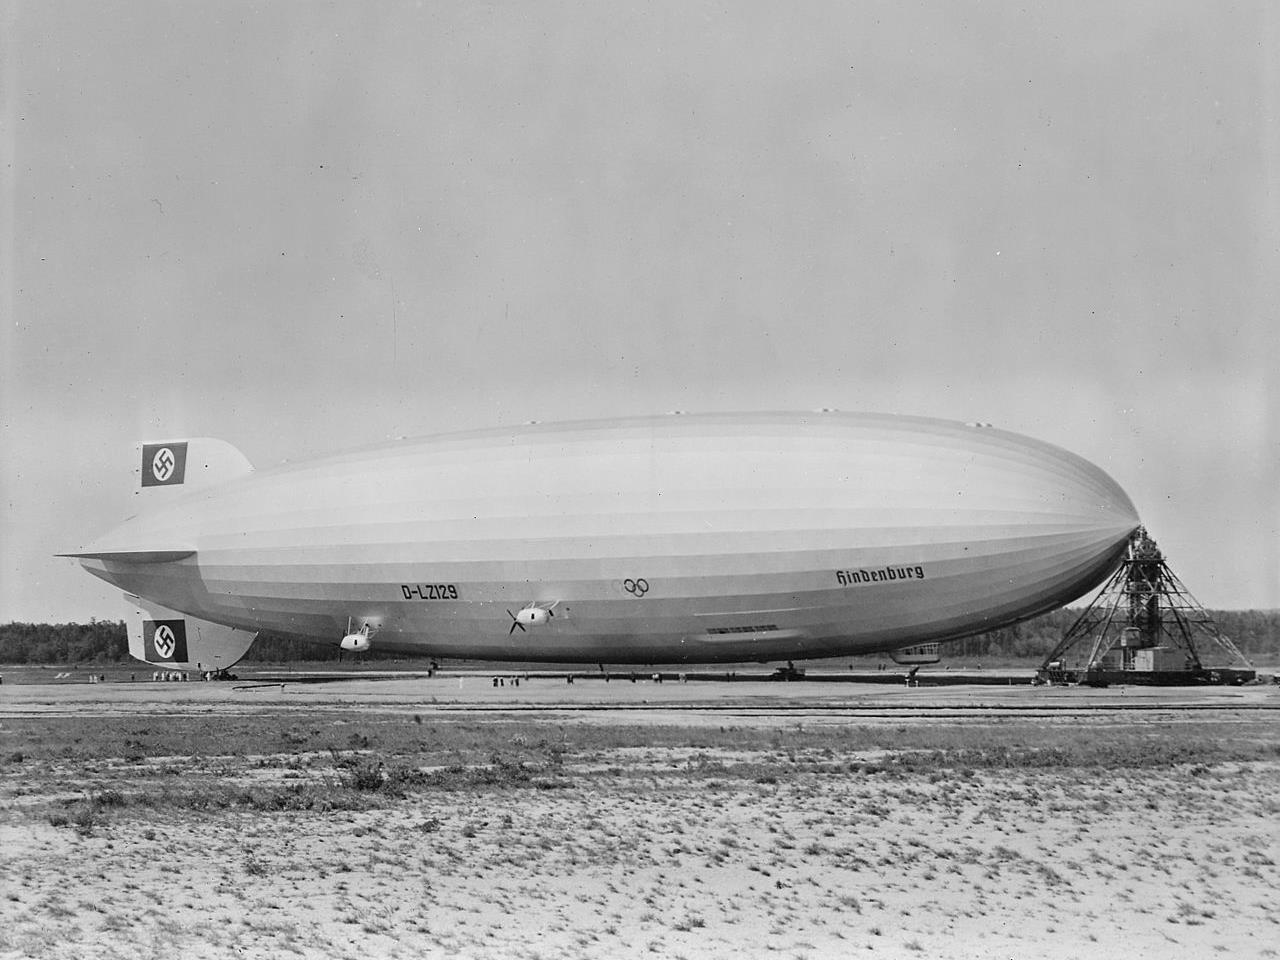 Das Luftschiff LZ-129 Hindenburg bei einem früheren Besuch in Lakehurst 1936.